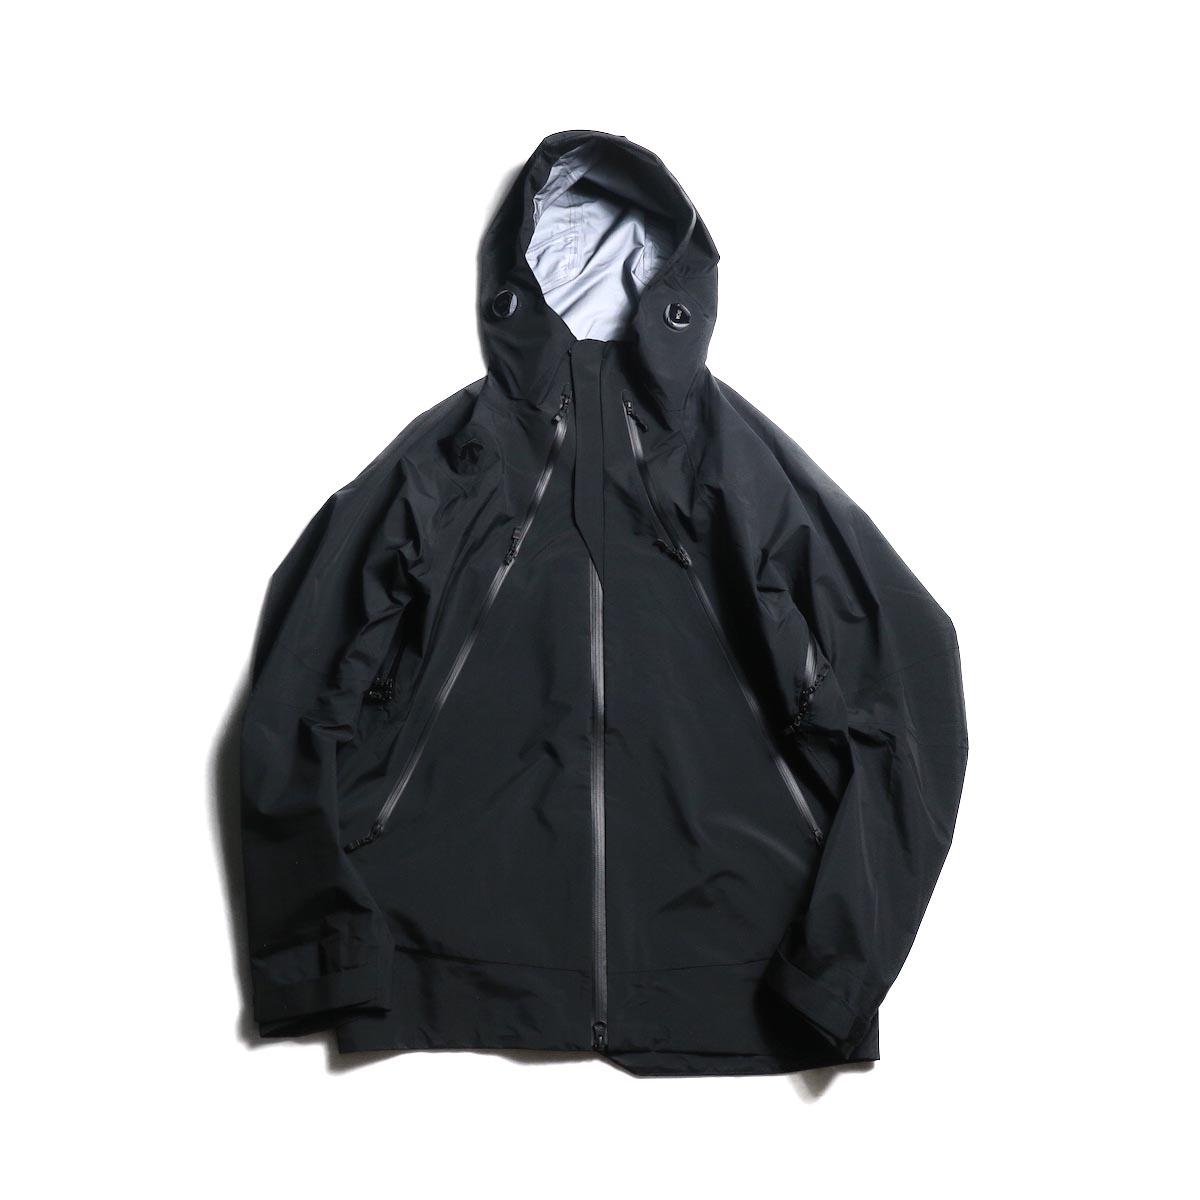 DESCENTE OUTDOOR / GORE-TEX BOA MOUNTAIN JACKET (Black)